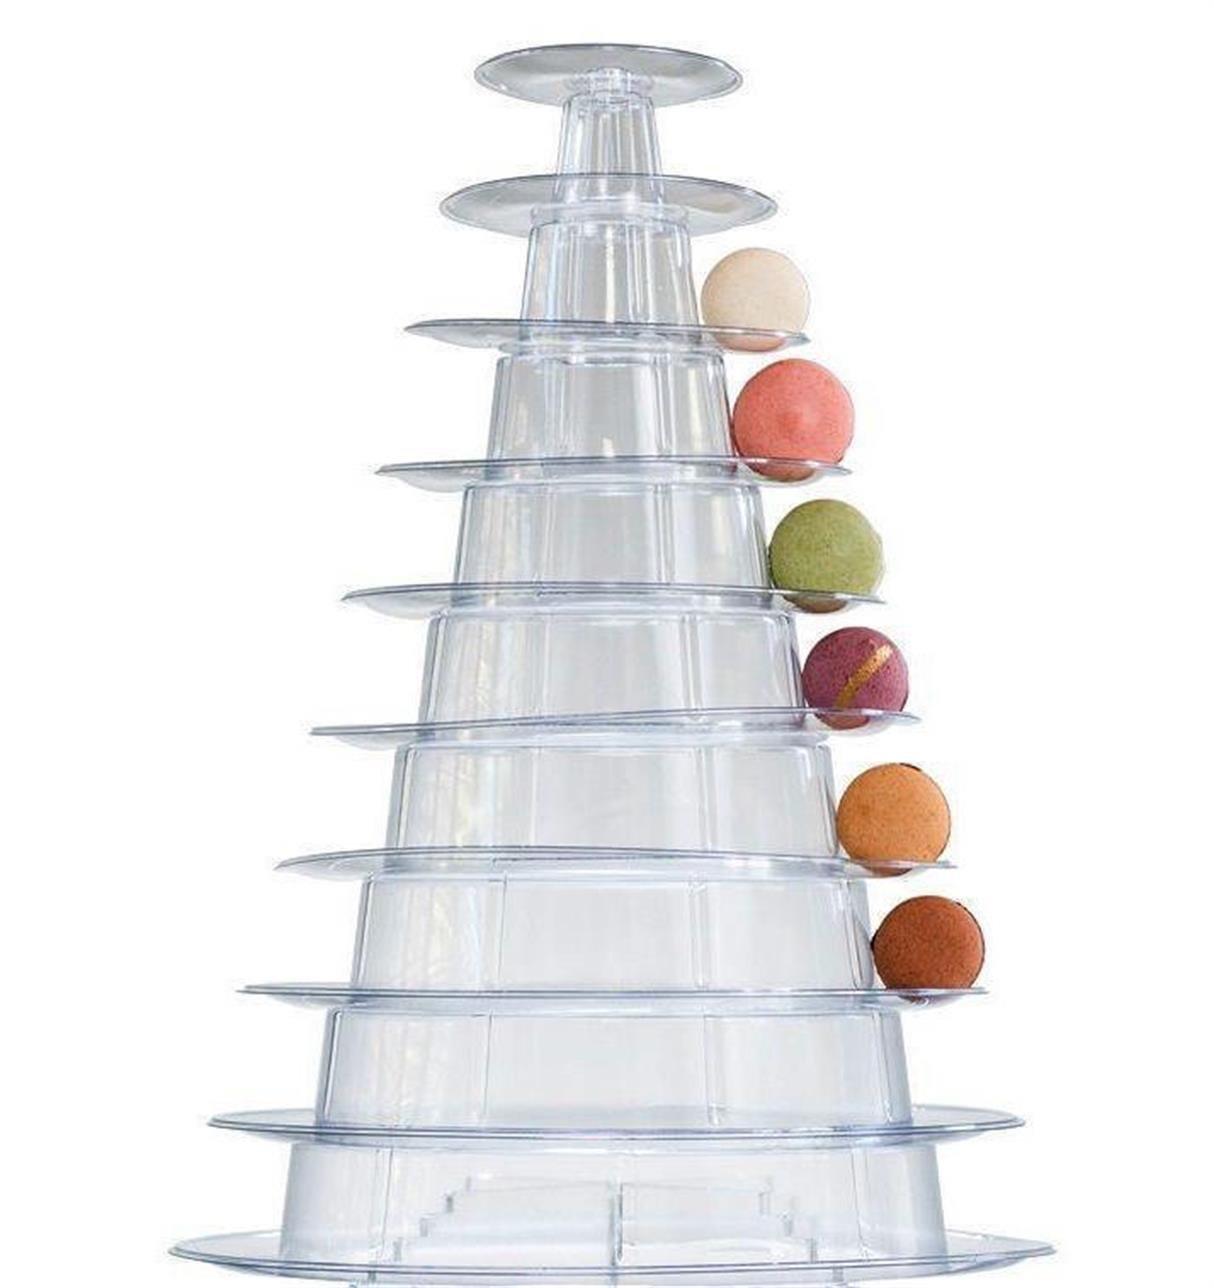 Kehuashina 1pcs 10 Tier Macaron Tower Display Stand for French Macarons